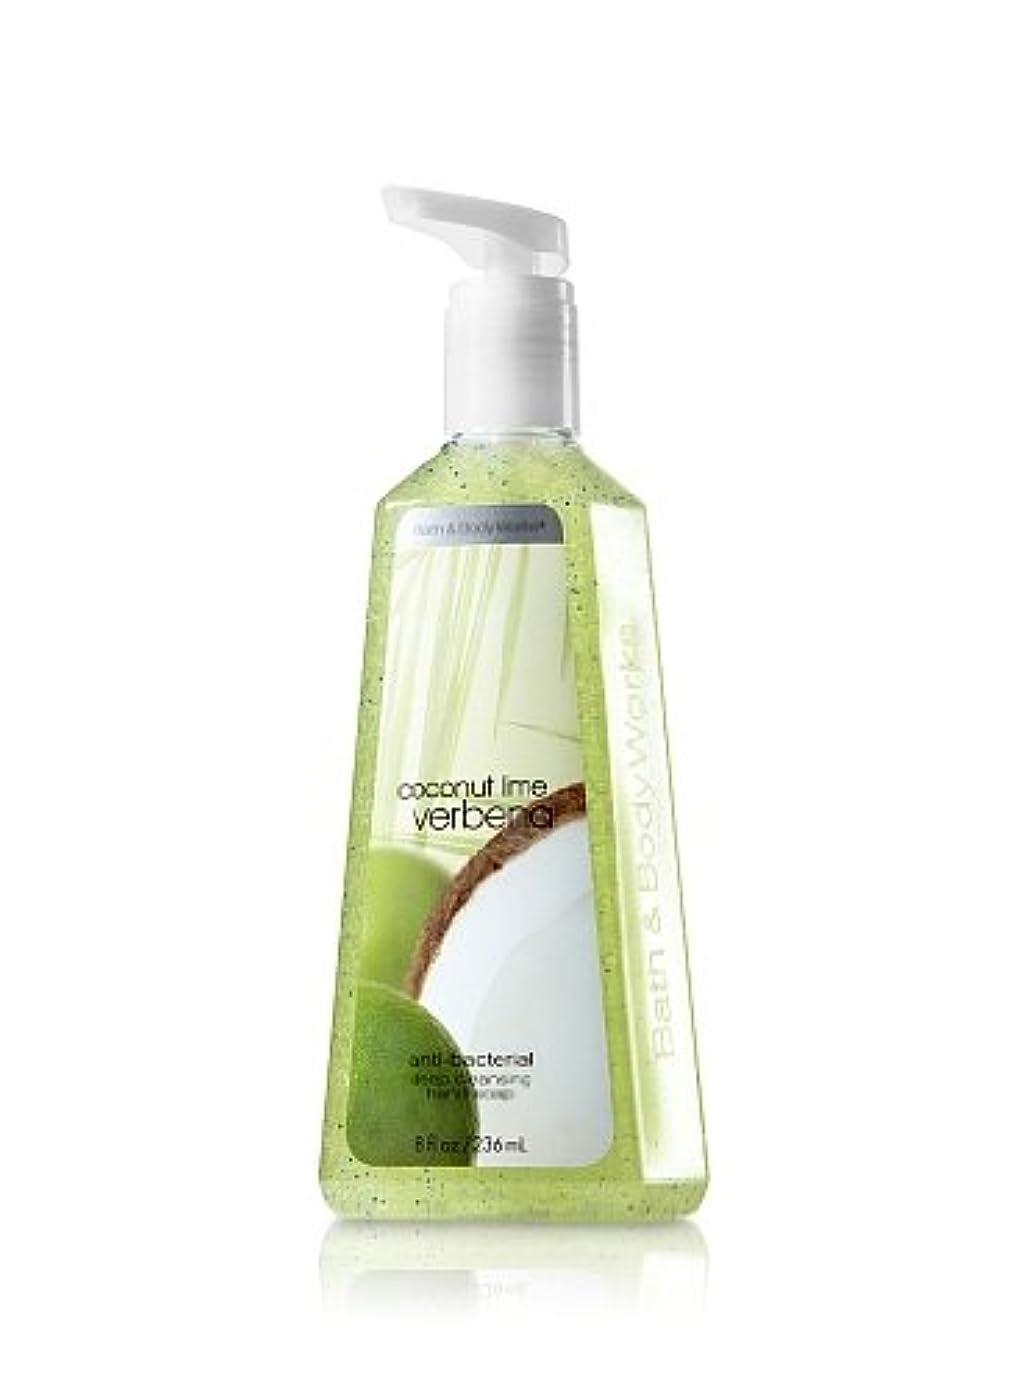 金貸し非常にペナルティバス&ボディワークス ココナッツライムバーベナ ディープクレンジングハンドソープ Coconut Lime Verbena Deep Cleansing Hand Soap [海外直送品]